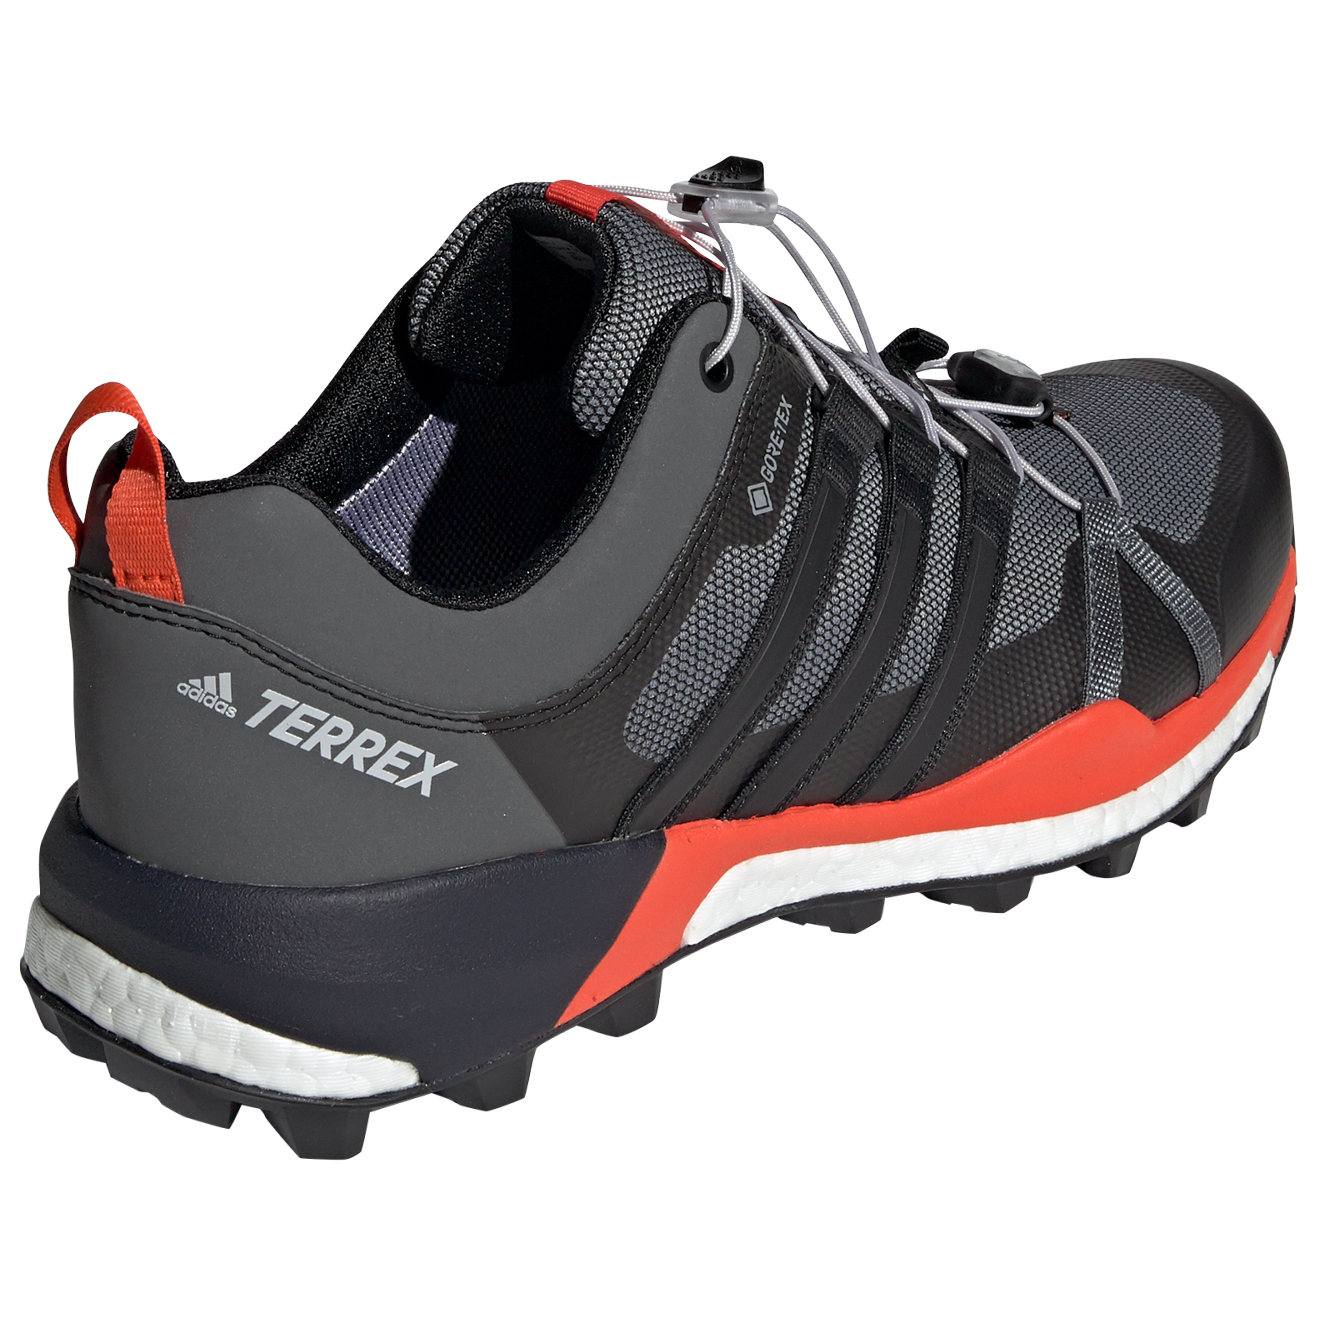 new concept 6c64b 0ea46 ... adidas - Terrex Skychaser GTX - Zapatillas de aproximación ...